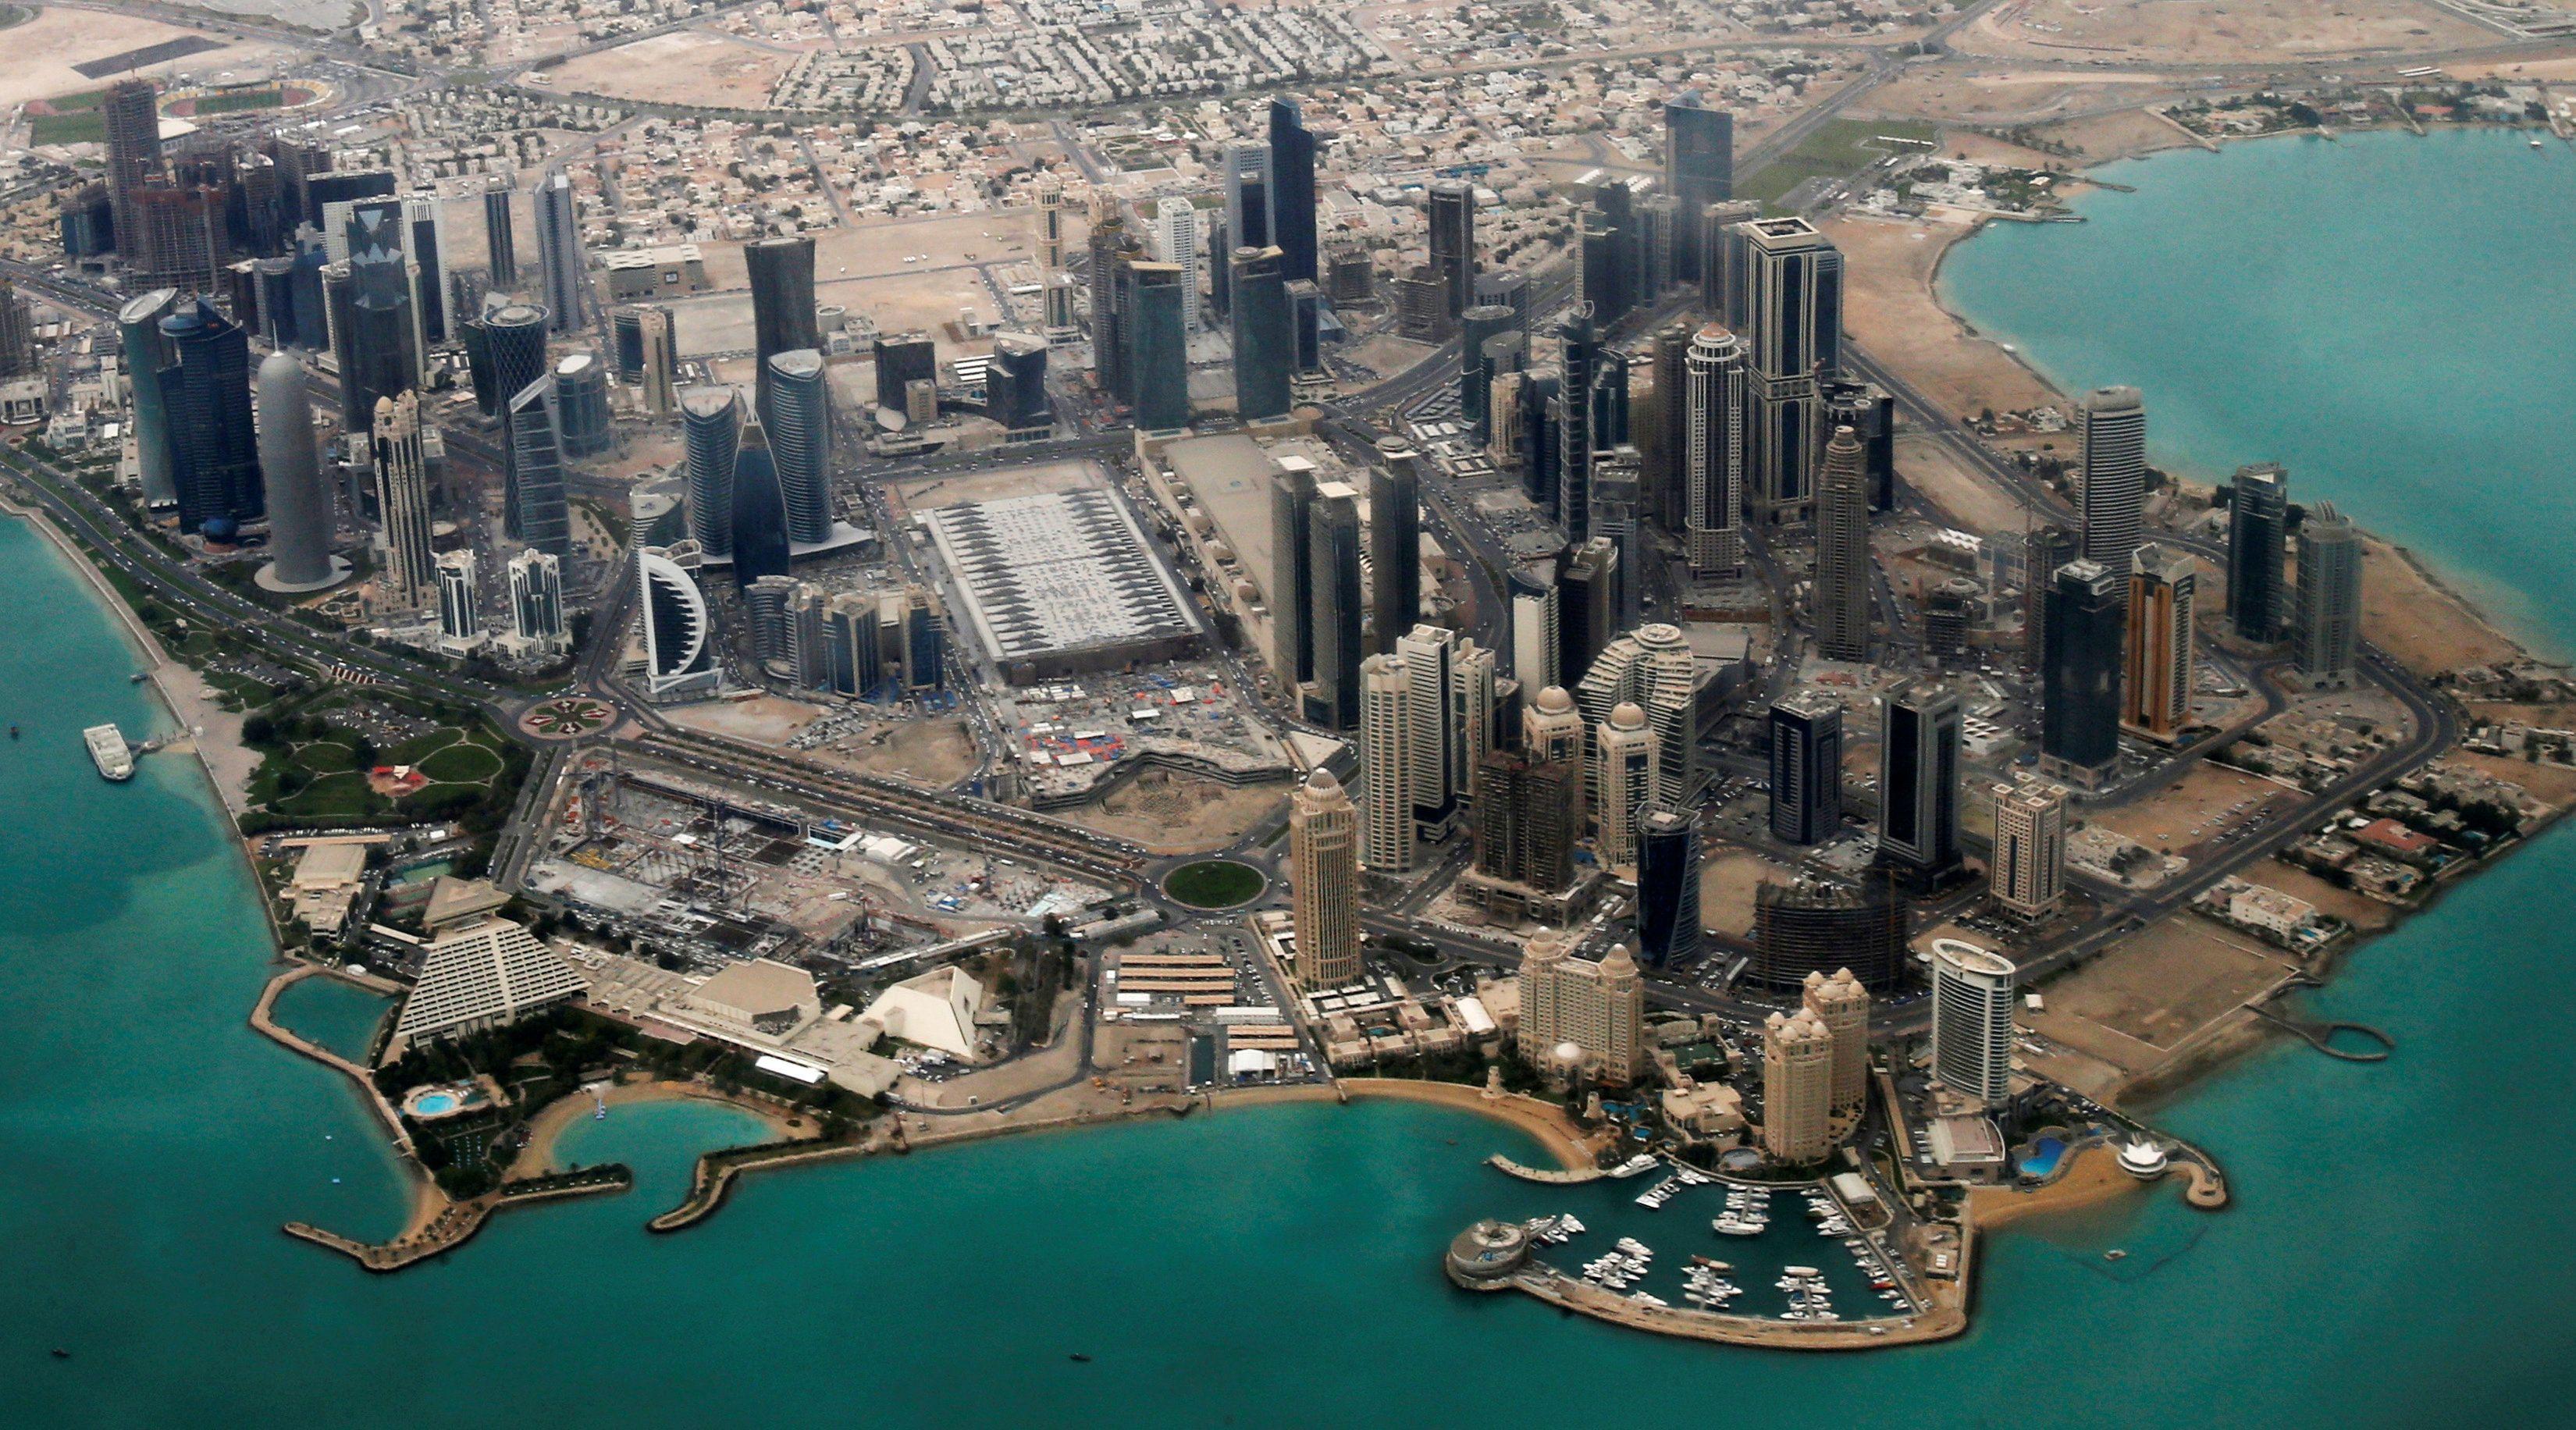 Дипломатический район Дохи.